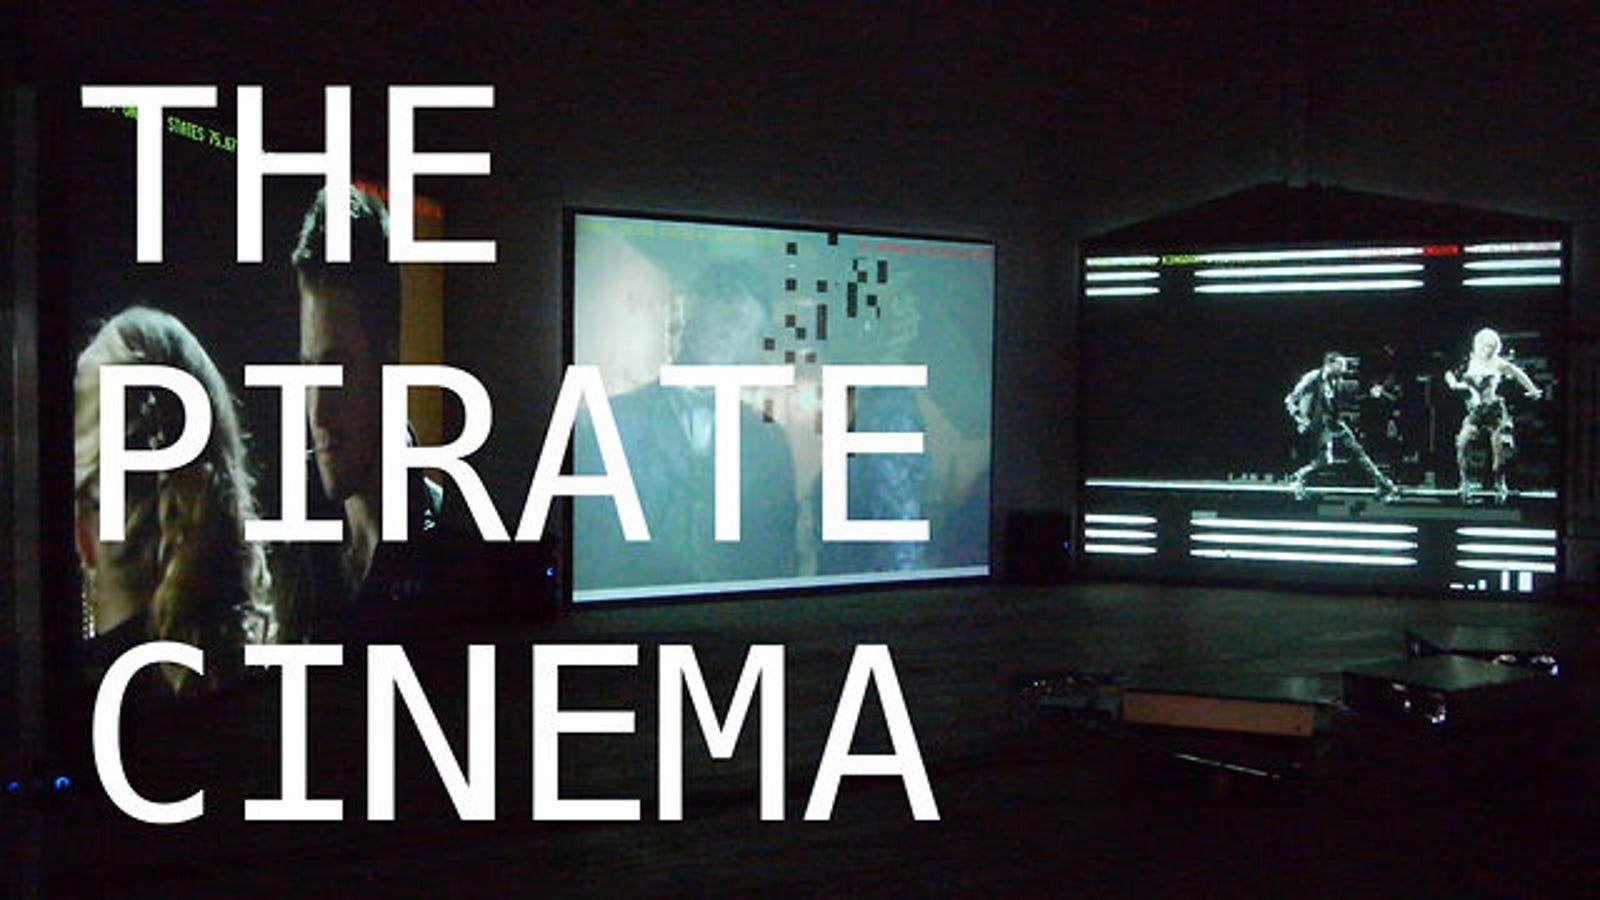 Contempla todas las películas piratas del mundo en tiempo real